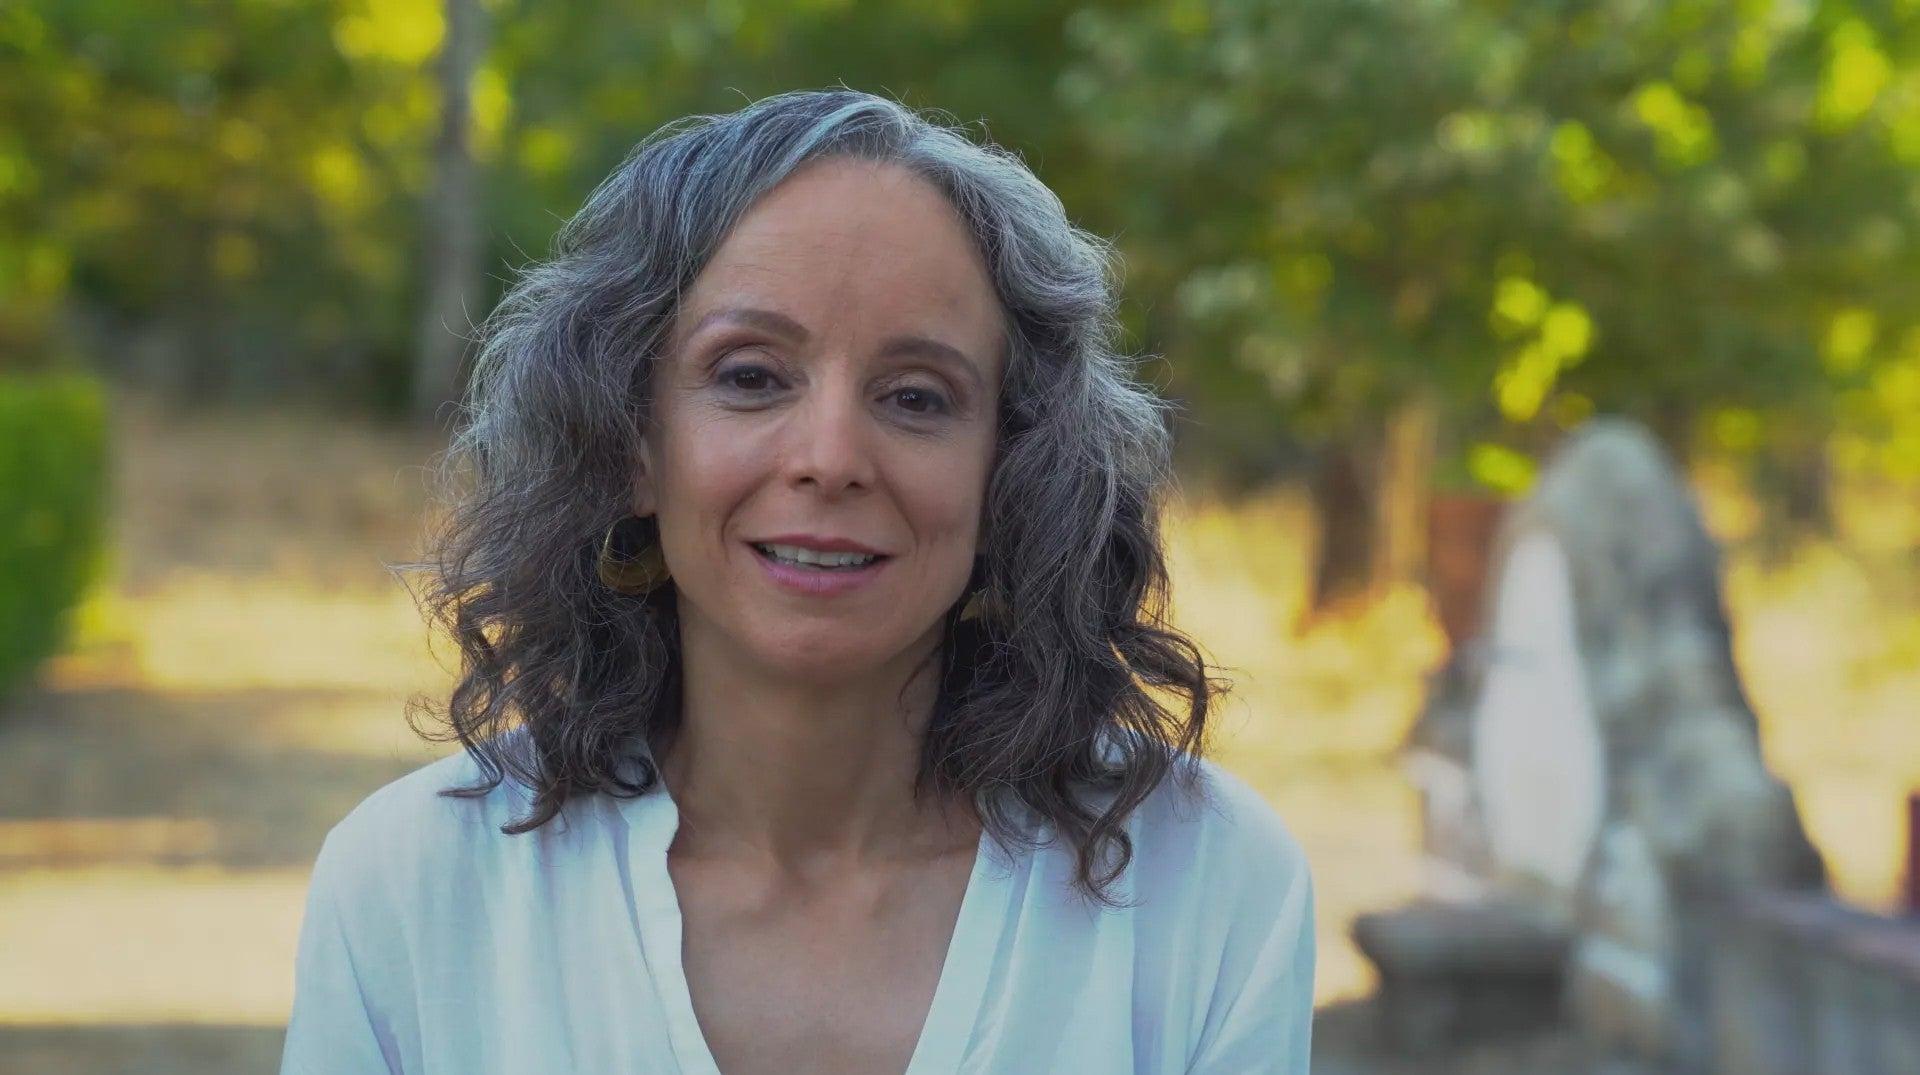 Joana Roque de Pinho